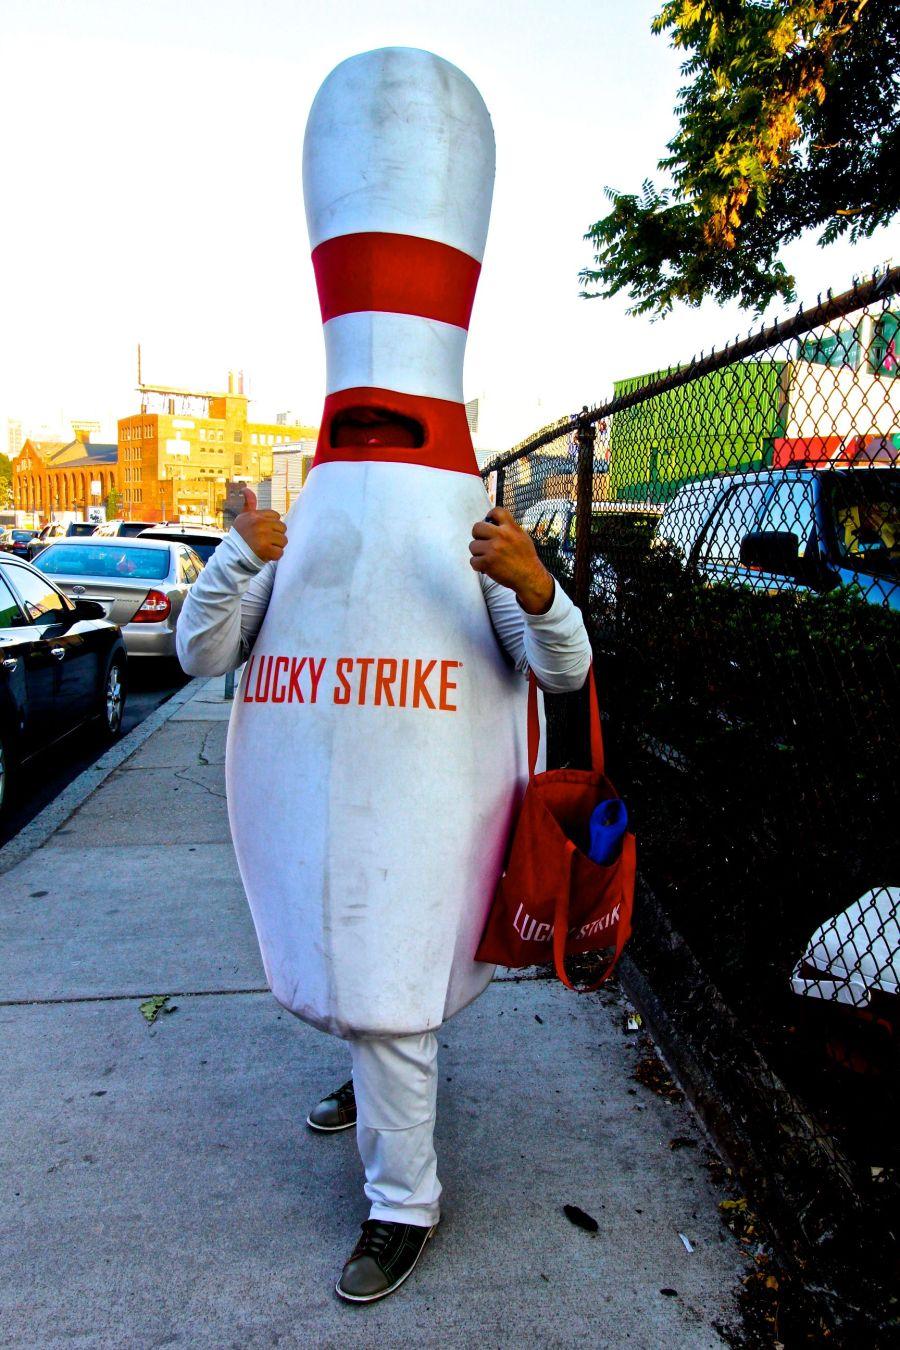 boston fenway park lucky strike bowling pin 2